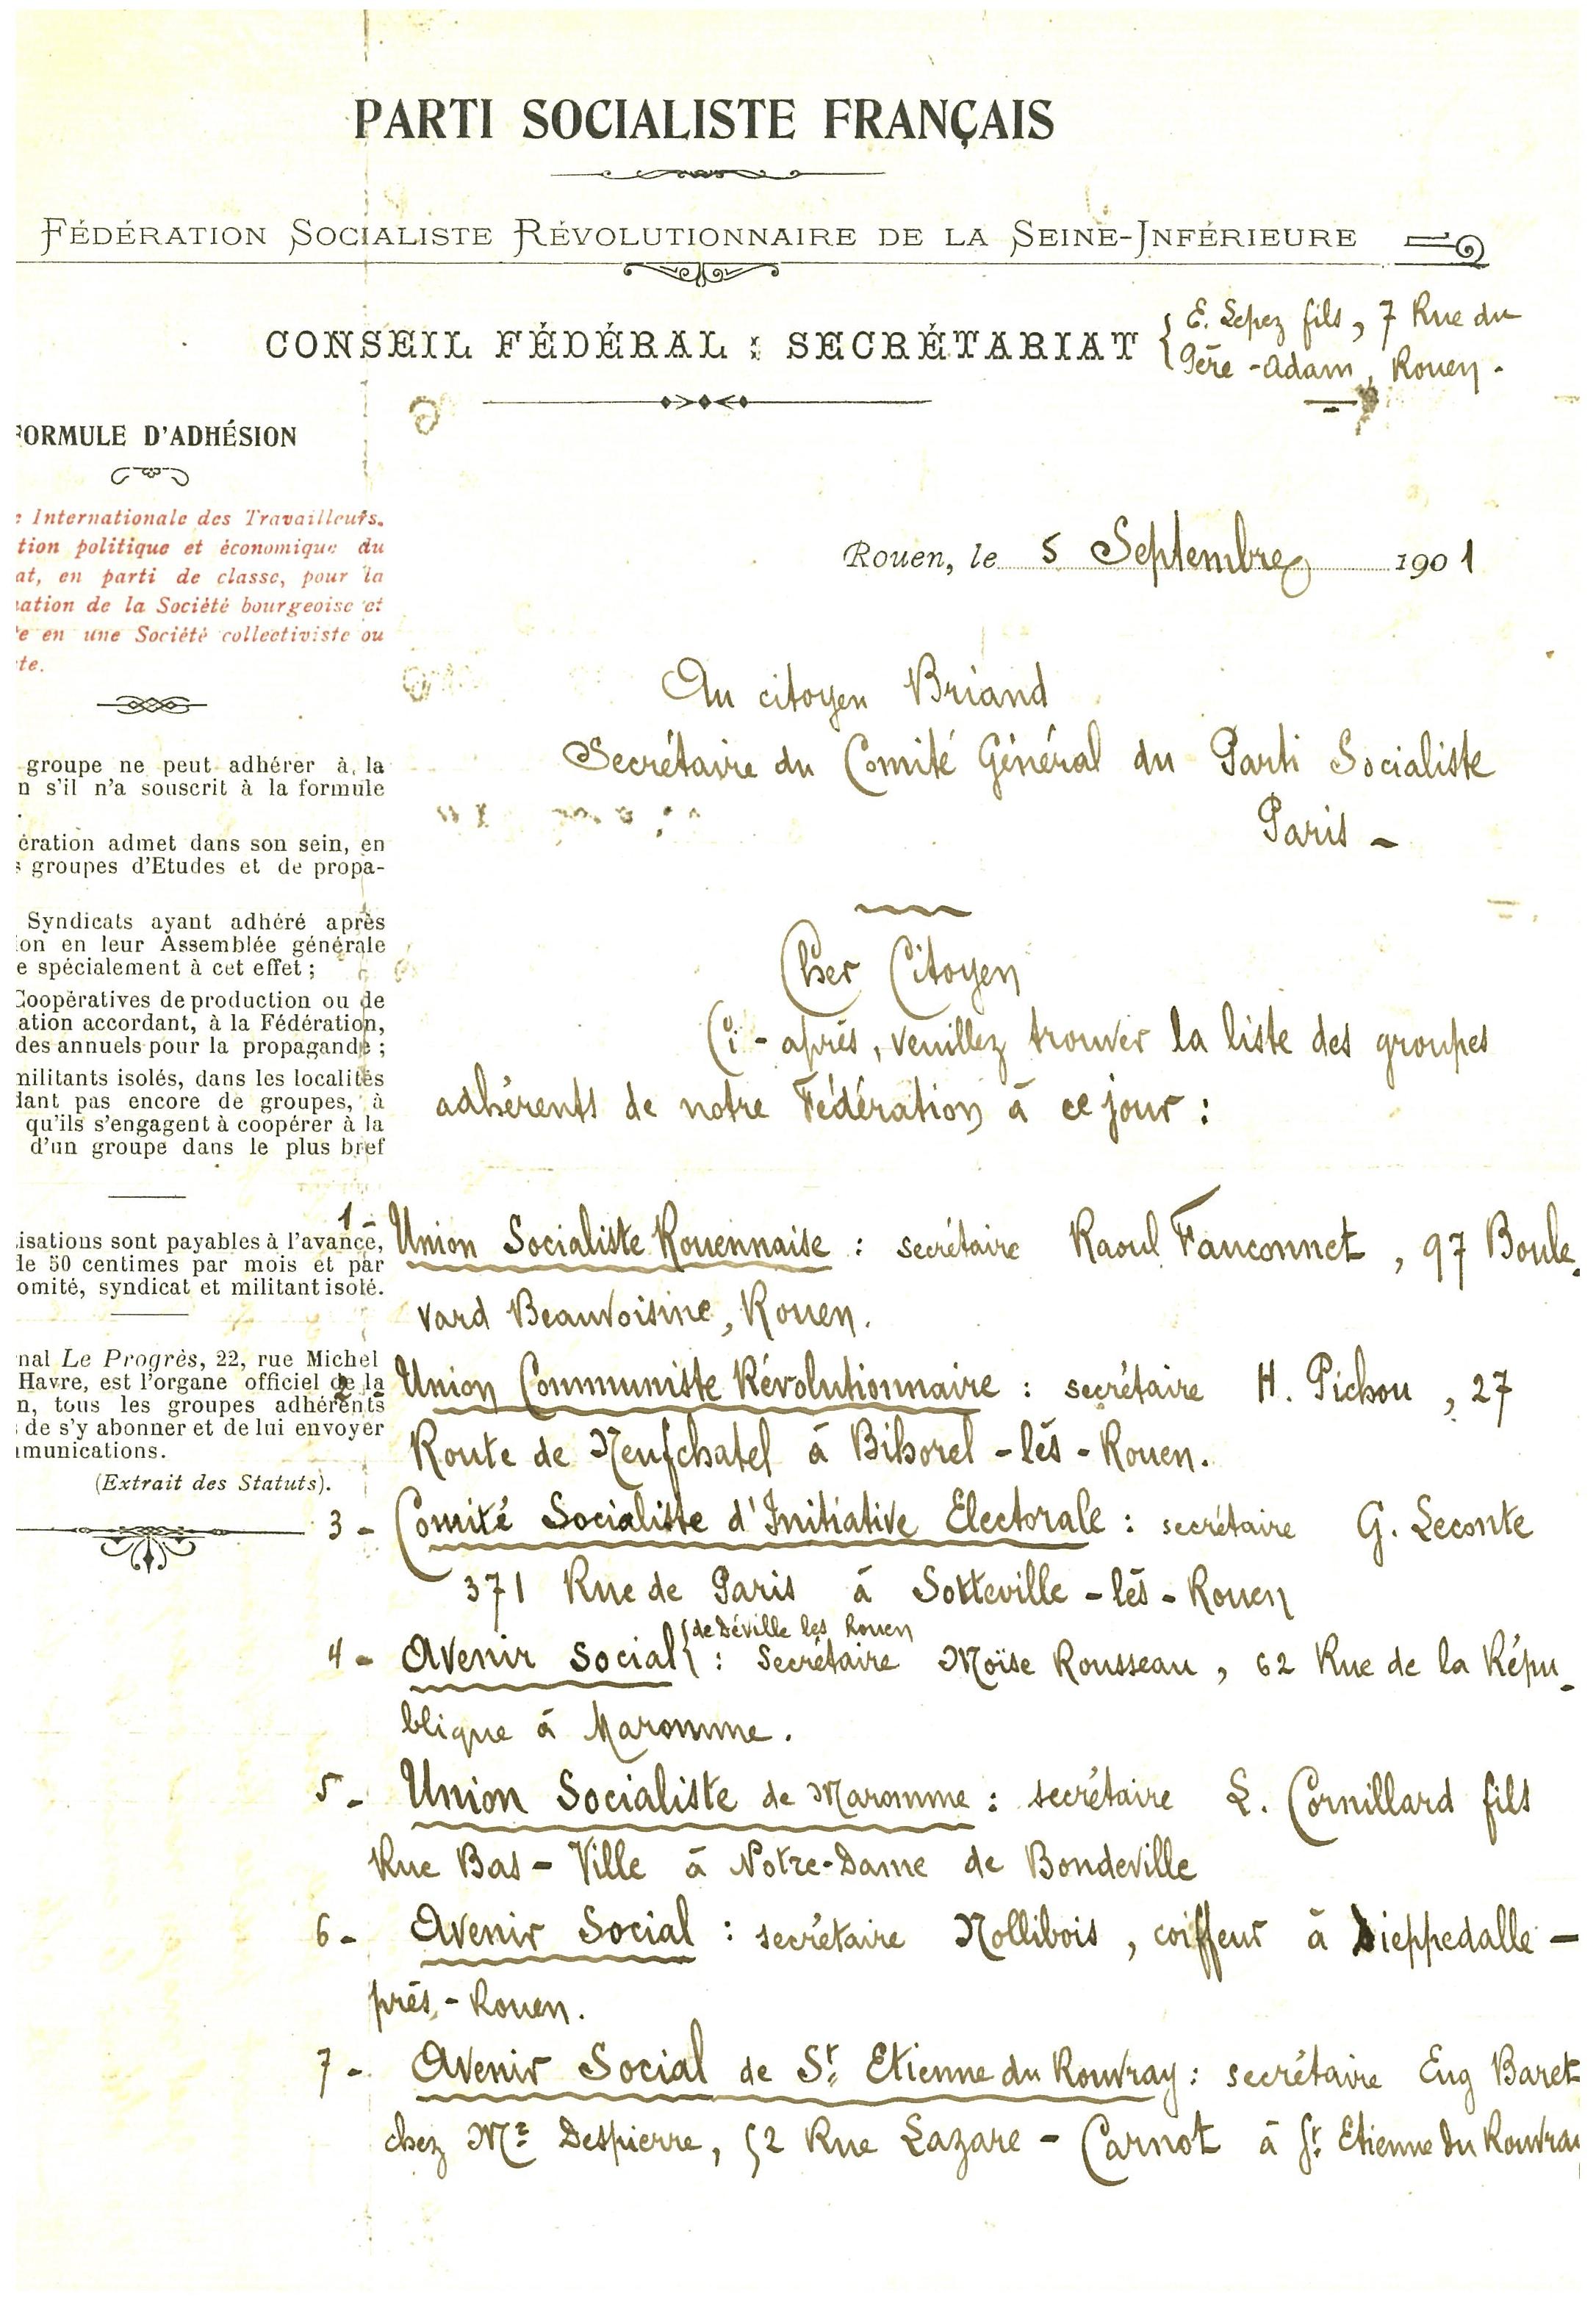 Billet. 06 Extrait des groupes adhérents à la Fédération Socialiste Révolutionnaire de Seine-Inférieure adressé à Briand